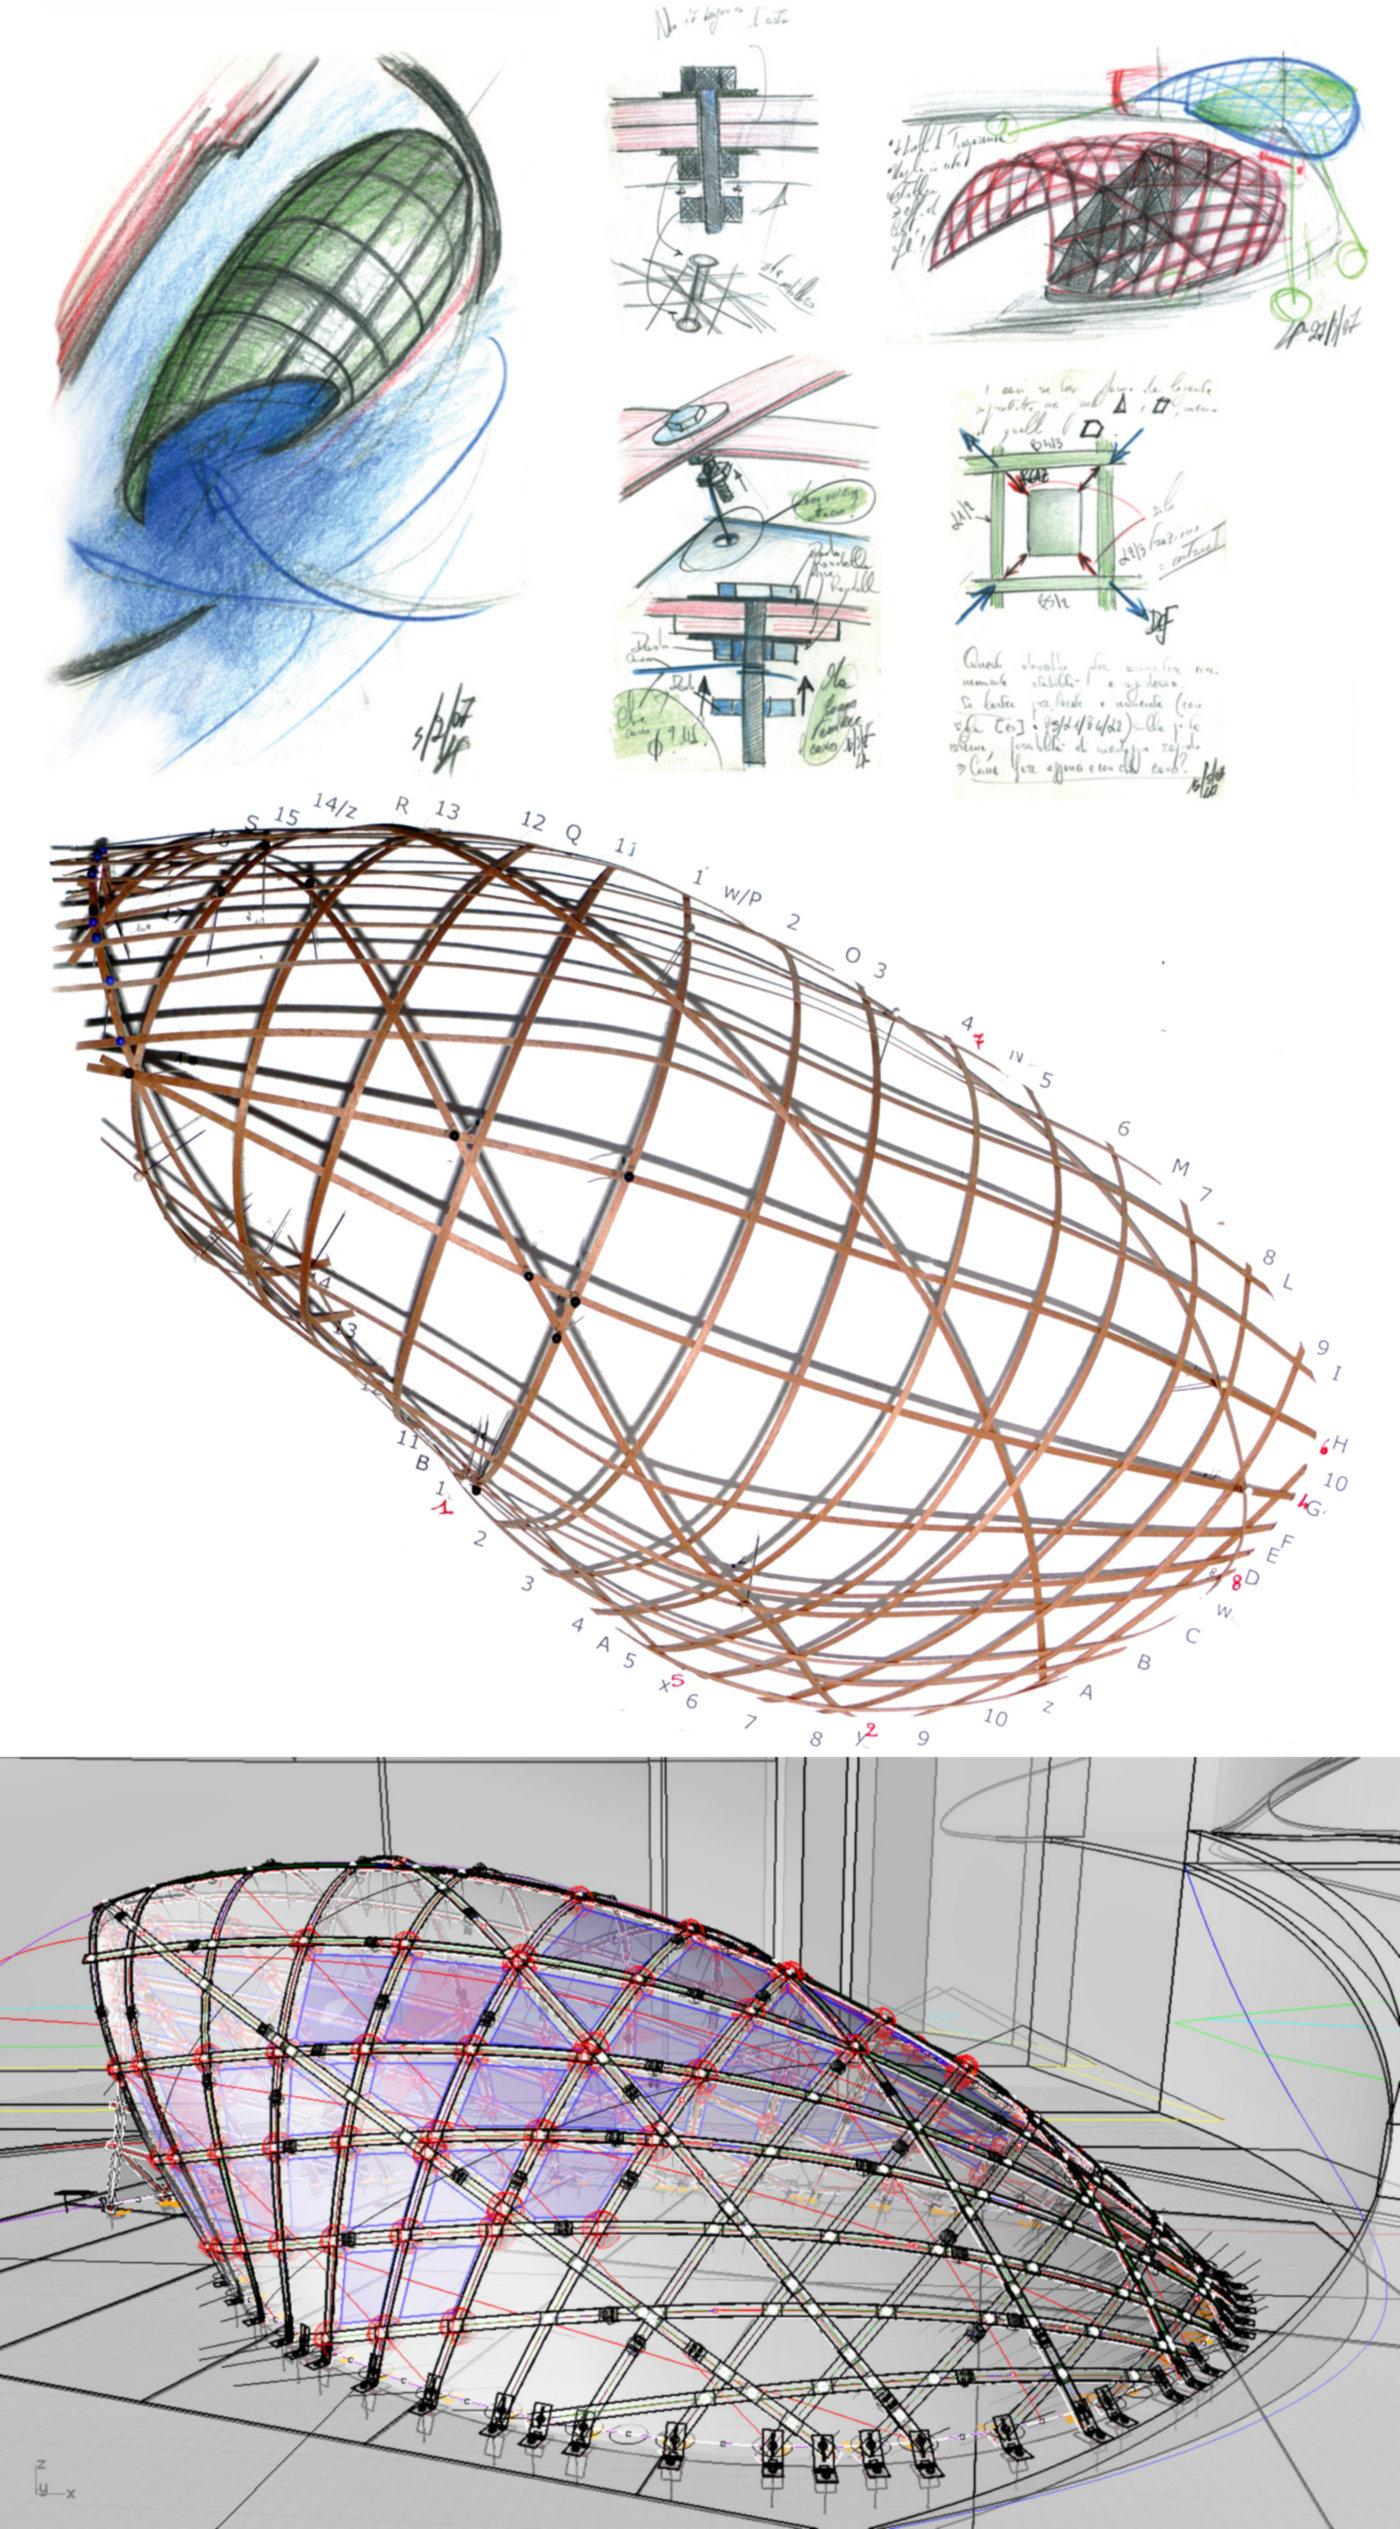 Un padiglione temporaneo sperimentale, con una struttura a gridhsell ibrido che realizza una forma sinuosa, suadente. Schizzi concettuali, modello fisico, modello virtuale: tre strumenti diversi e coordinati per sviluppare il progetto| Bottega di Architettura